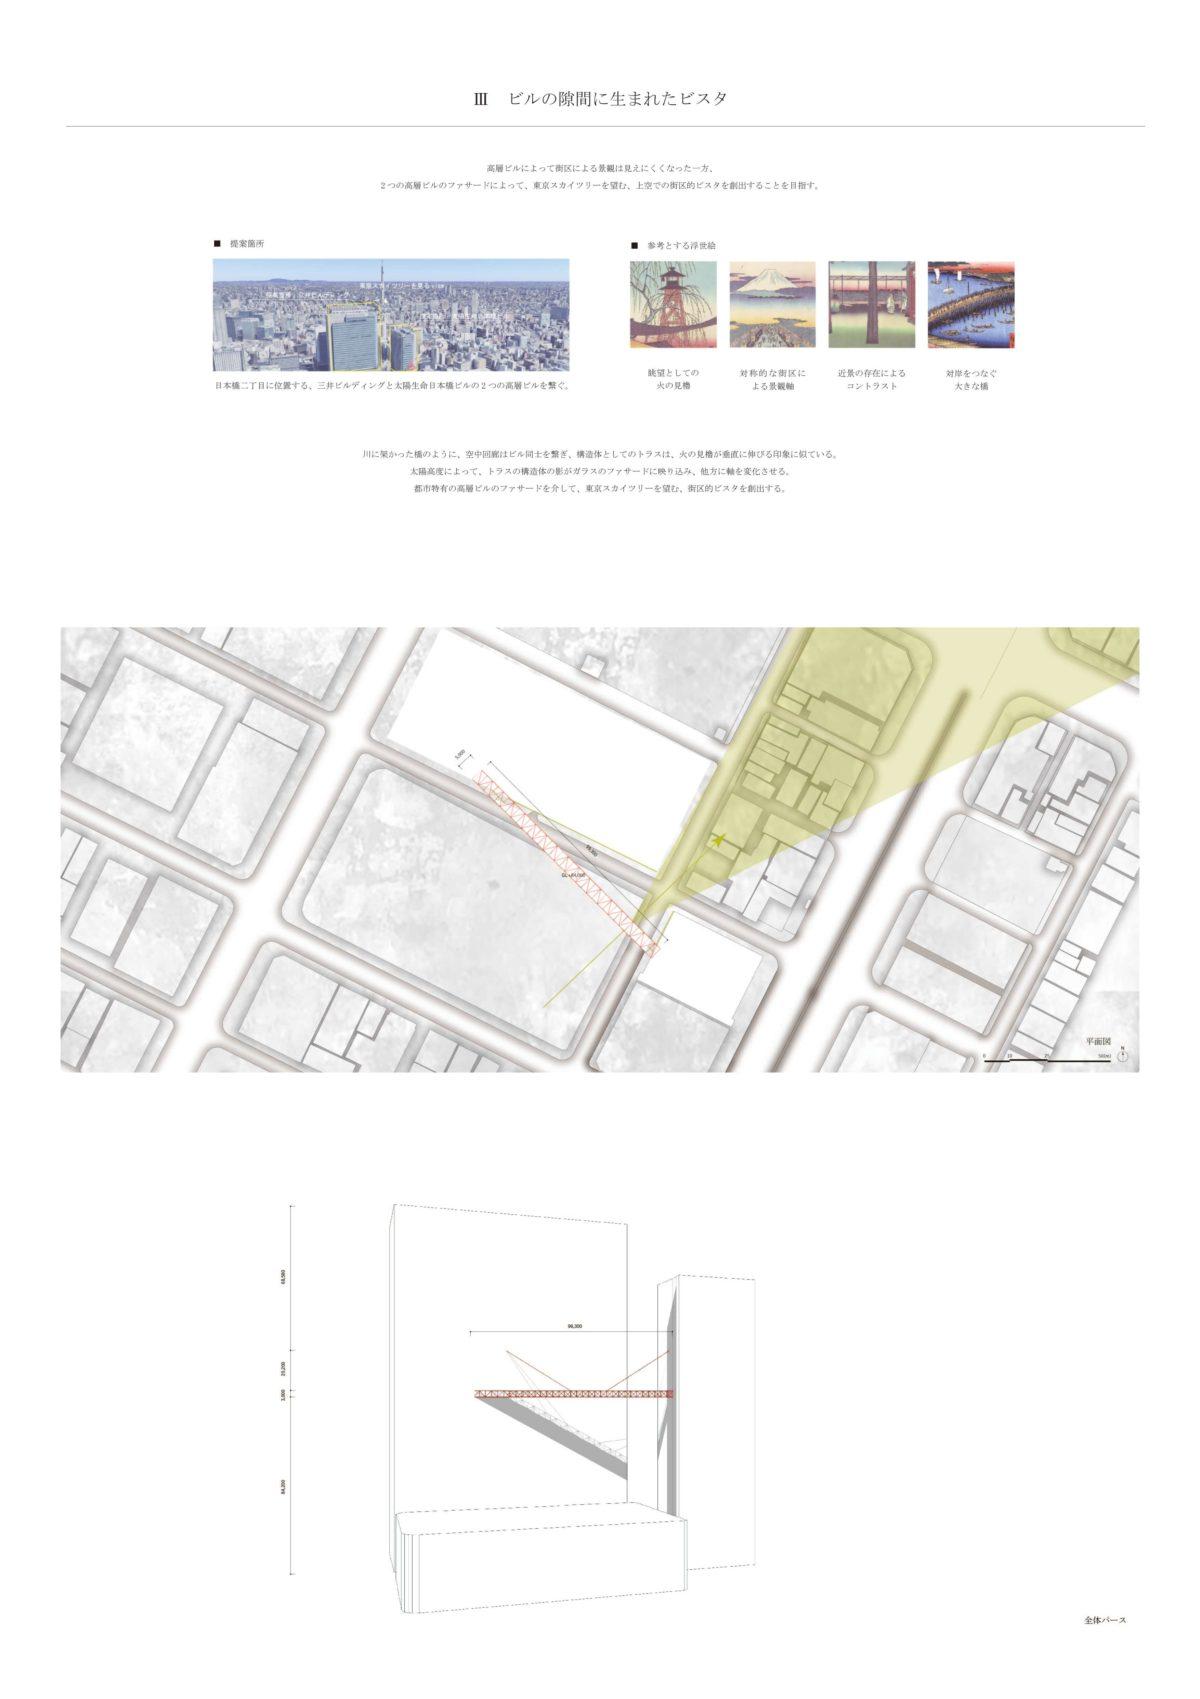 風景を想起する第五世代美術館建築 -歌川広重による名所江戸百景の分析を通して--10